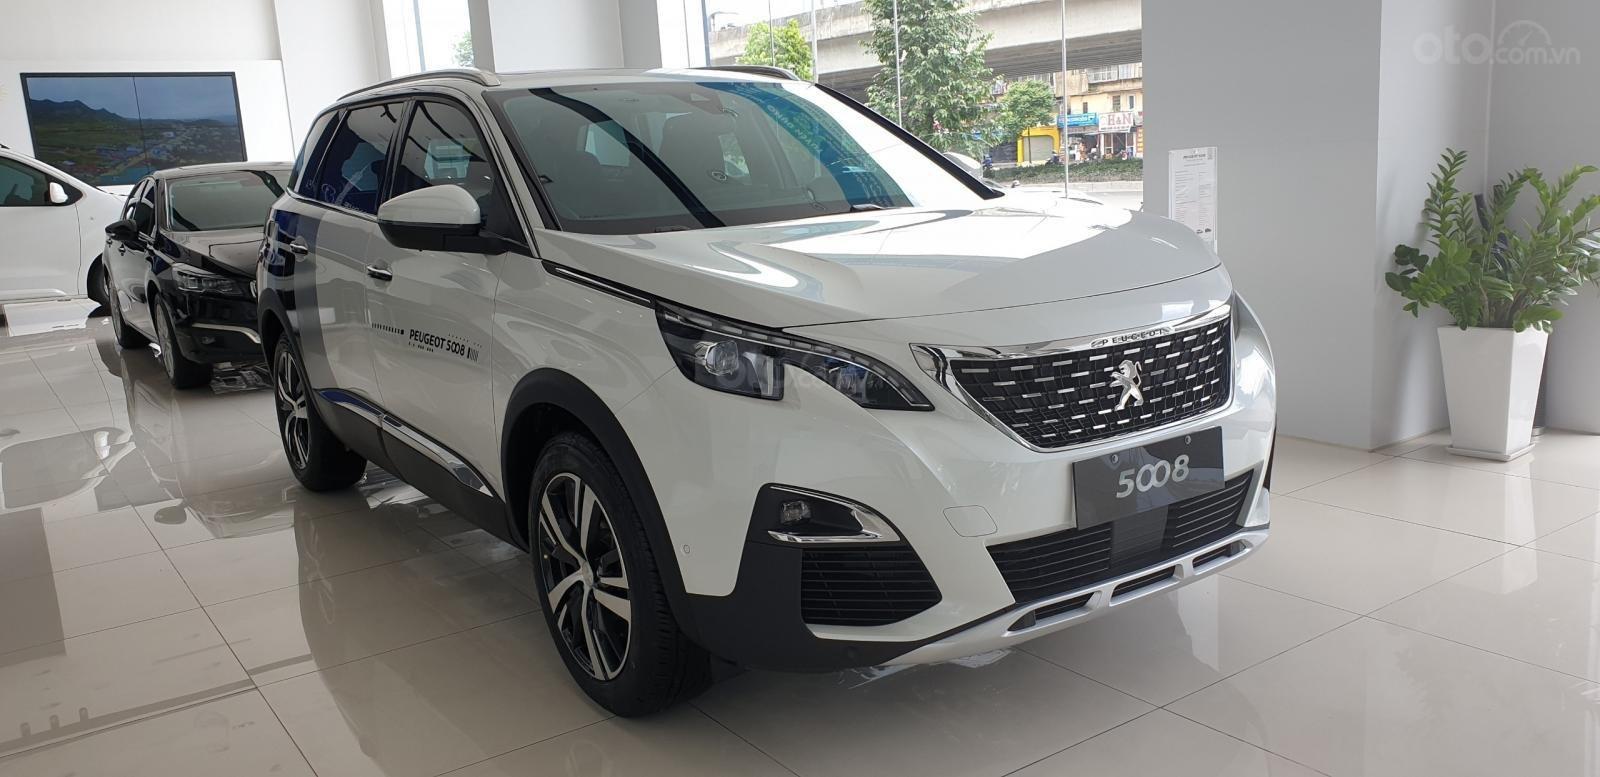 Peugeot Thanh Xuân - Peugeot 5008 giá tốt nhất thị trường + bảo hành chính hãng lên tới 5 năm-2